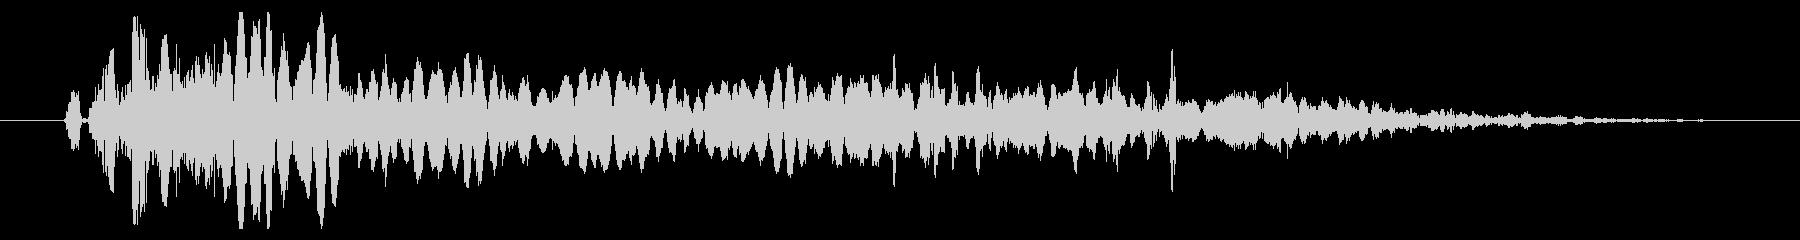 プラズマパワーフェイルバーストの未再生の波形